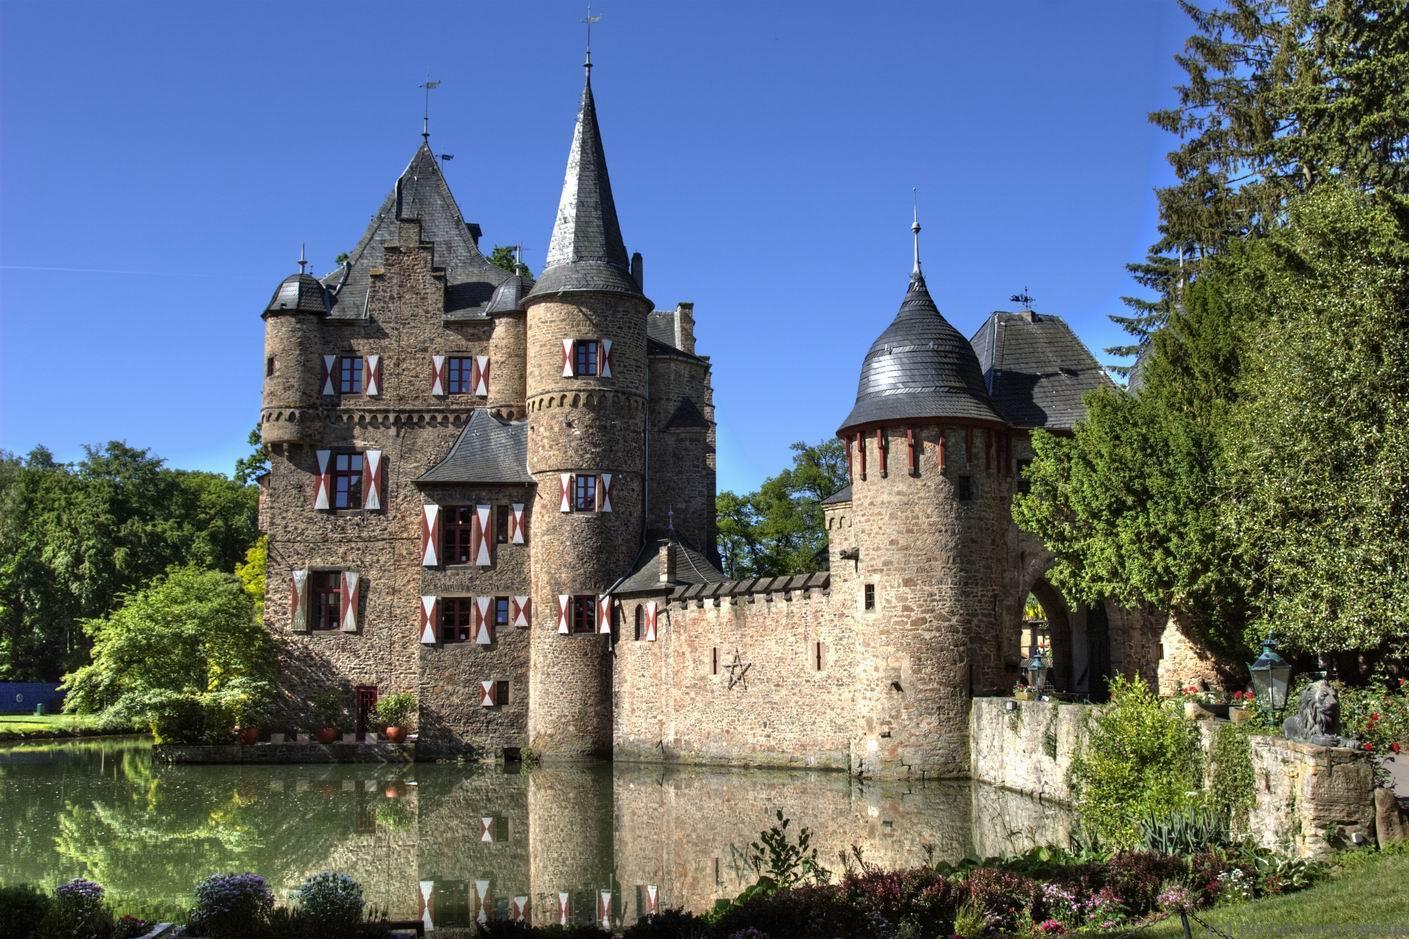 Купить маленький замок в европе купить квартиру в америке недорого цены